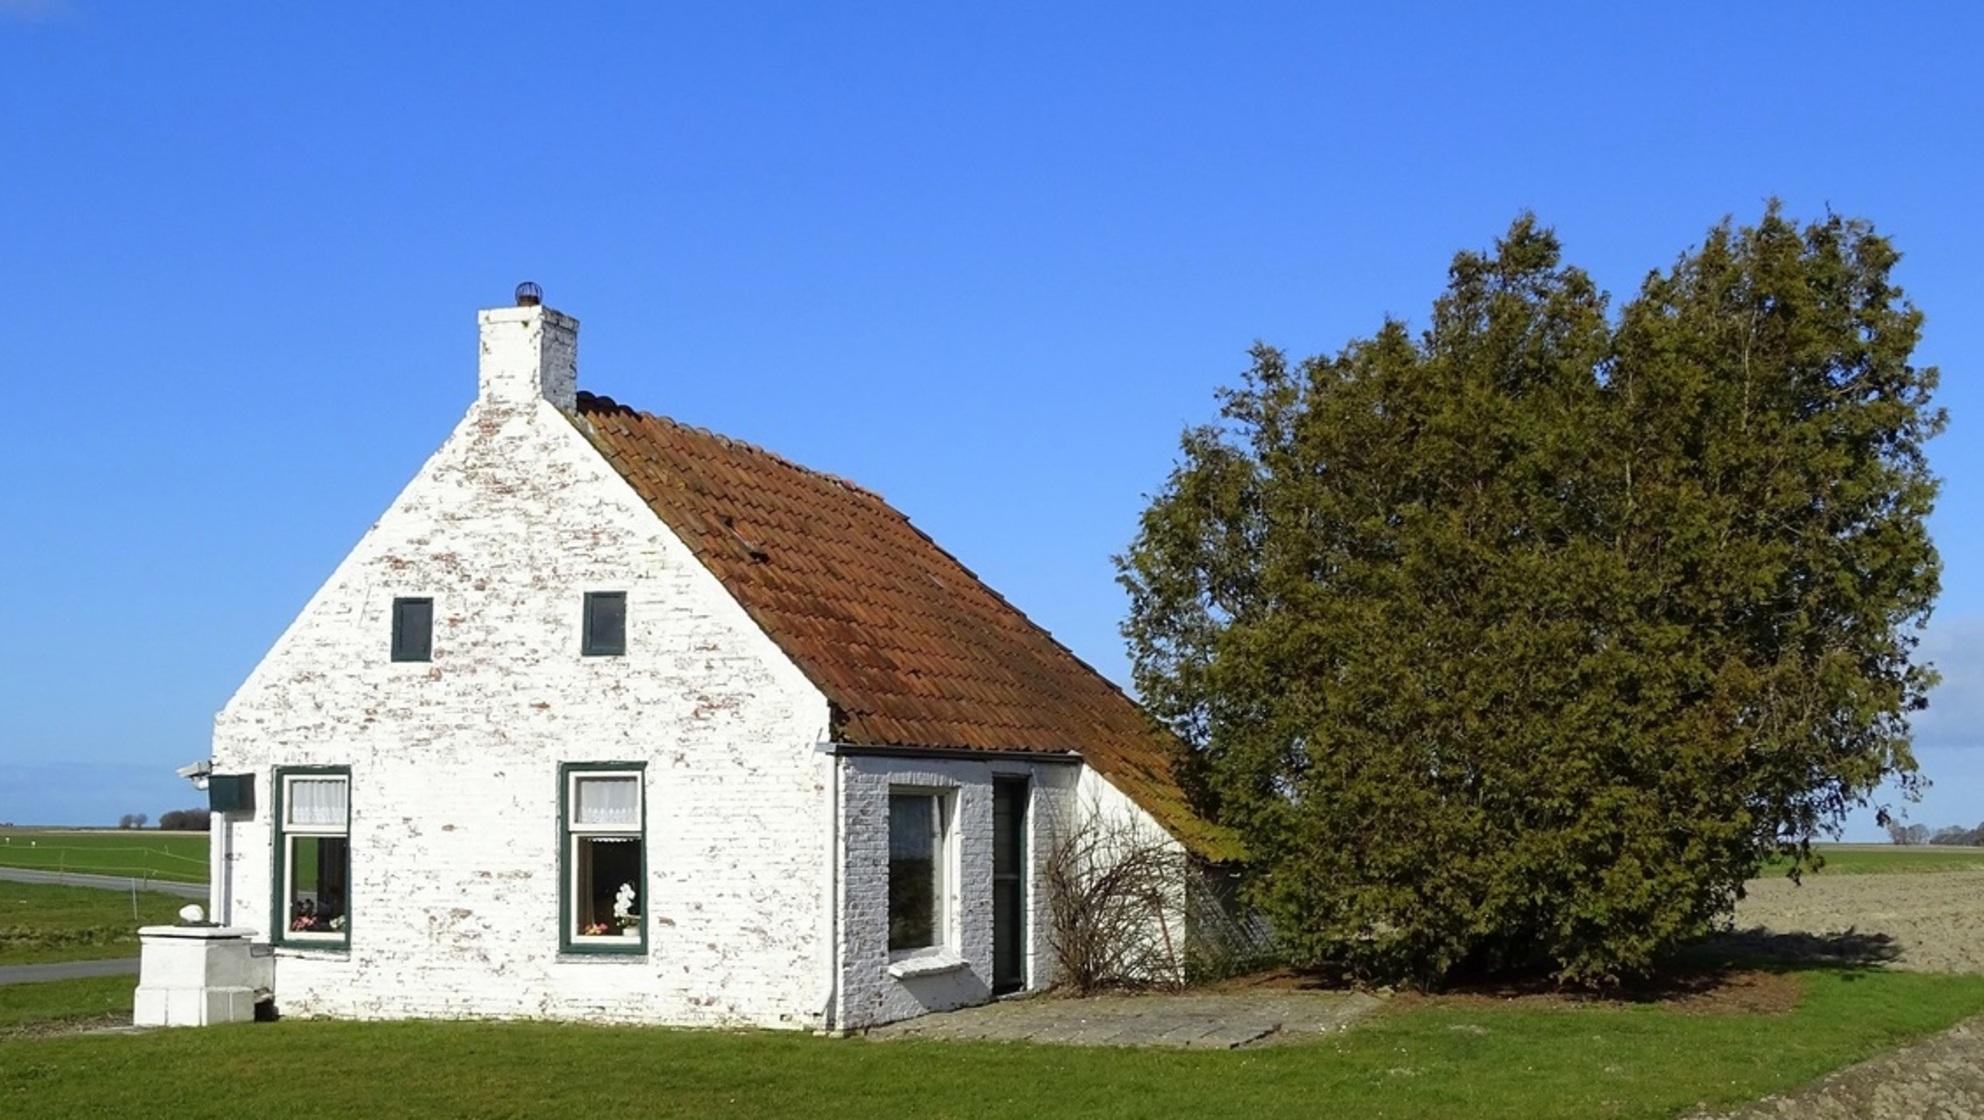 Brintahuisje - Dit huisje stond jaren afgebeeld op een pak Brinta. Word niet meer bewoond. Leeft alleen nog een kat (Mabel), die word verzorgt door de boer die erbi - foto door jan.pijper op 06-03-2021 - Deze foto mag gebruikt worden in een Zoom.nl publicatie